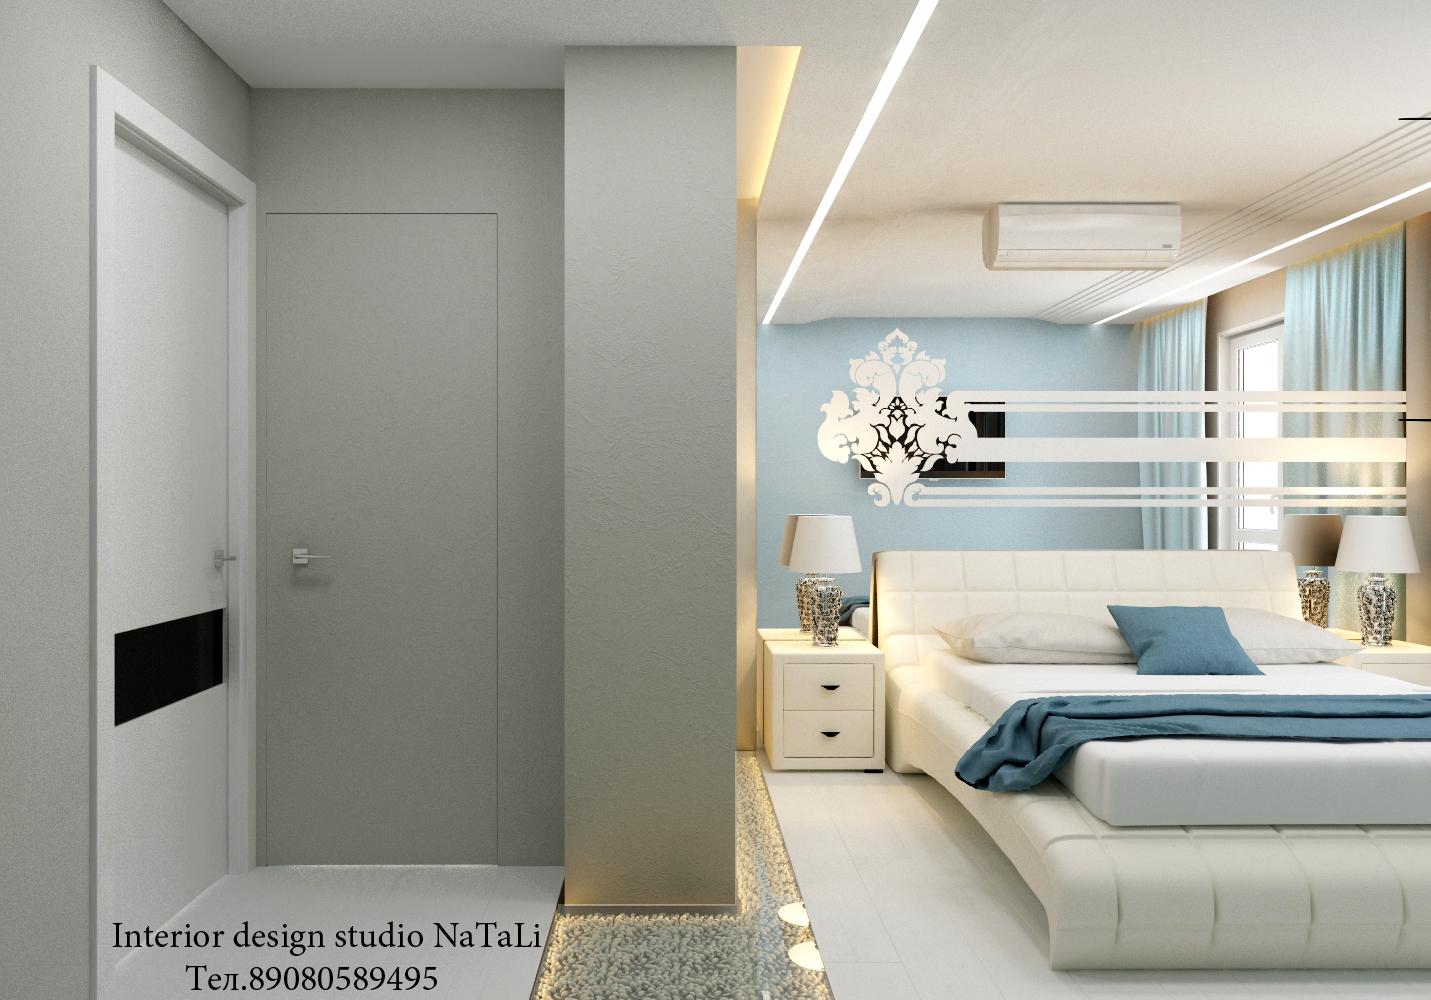 Дизайн интерьера спальни в ЖК Пара